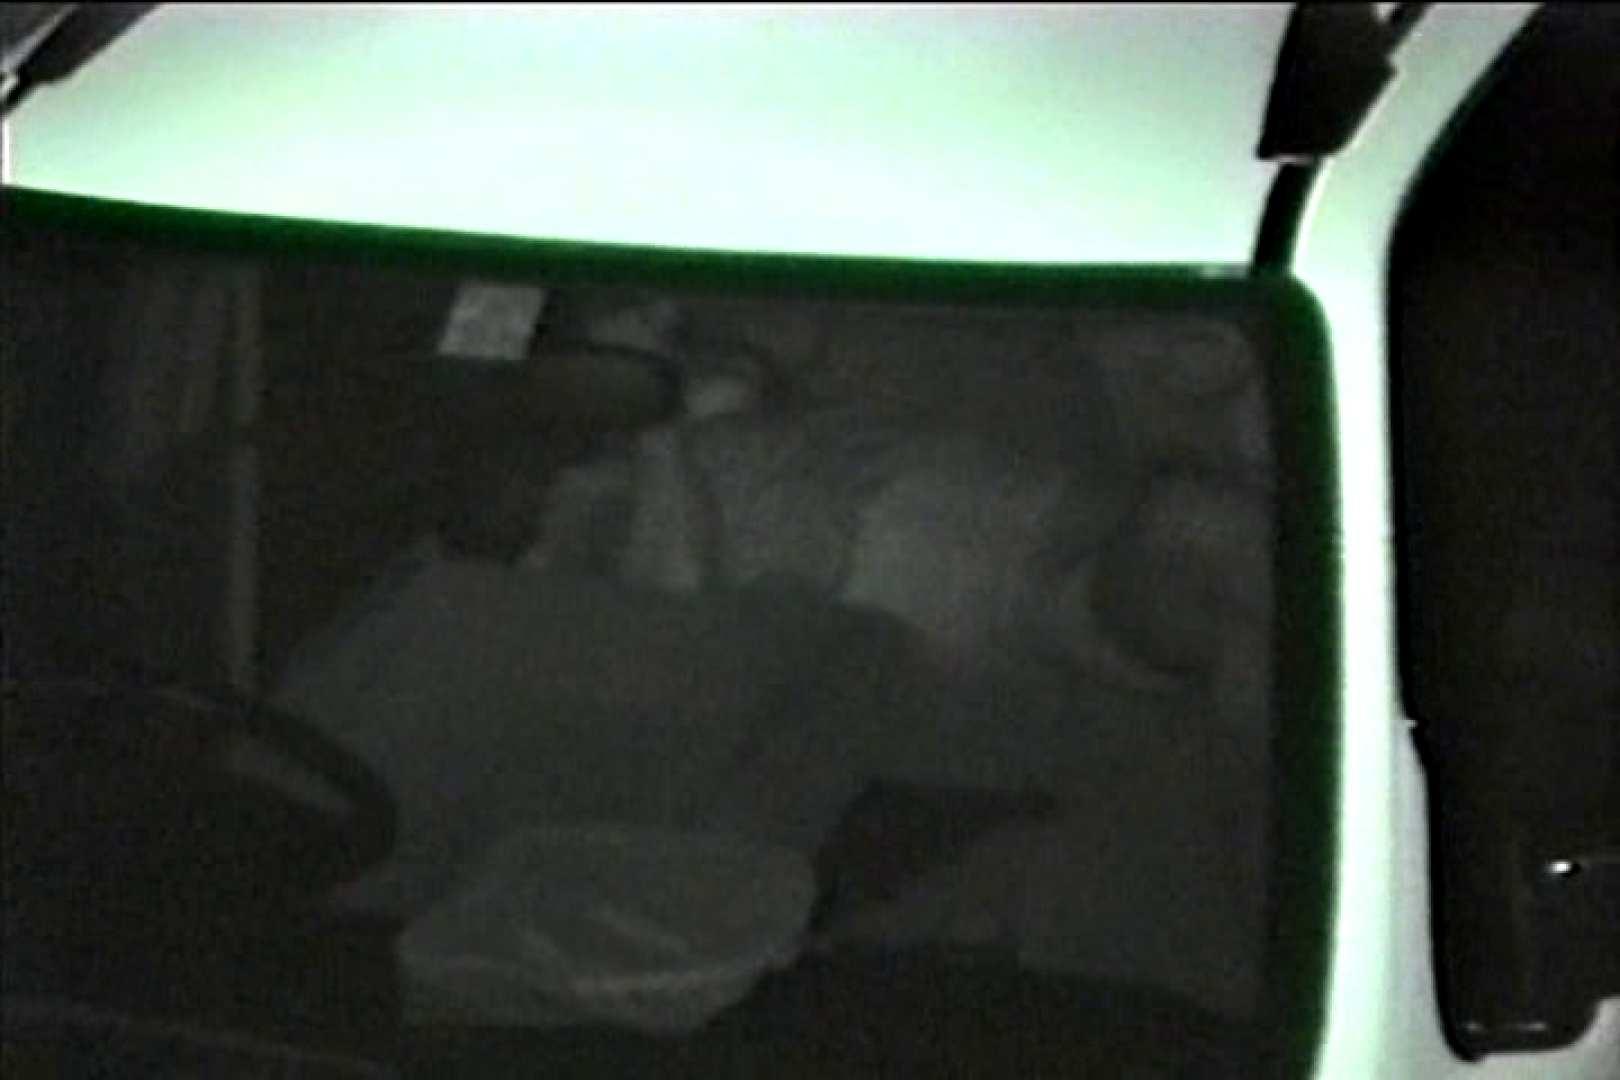 車の中はラブホテル 無修正版  Vol.7 接写 AV動画キャプチャ 81pic 48